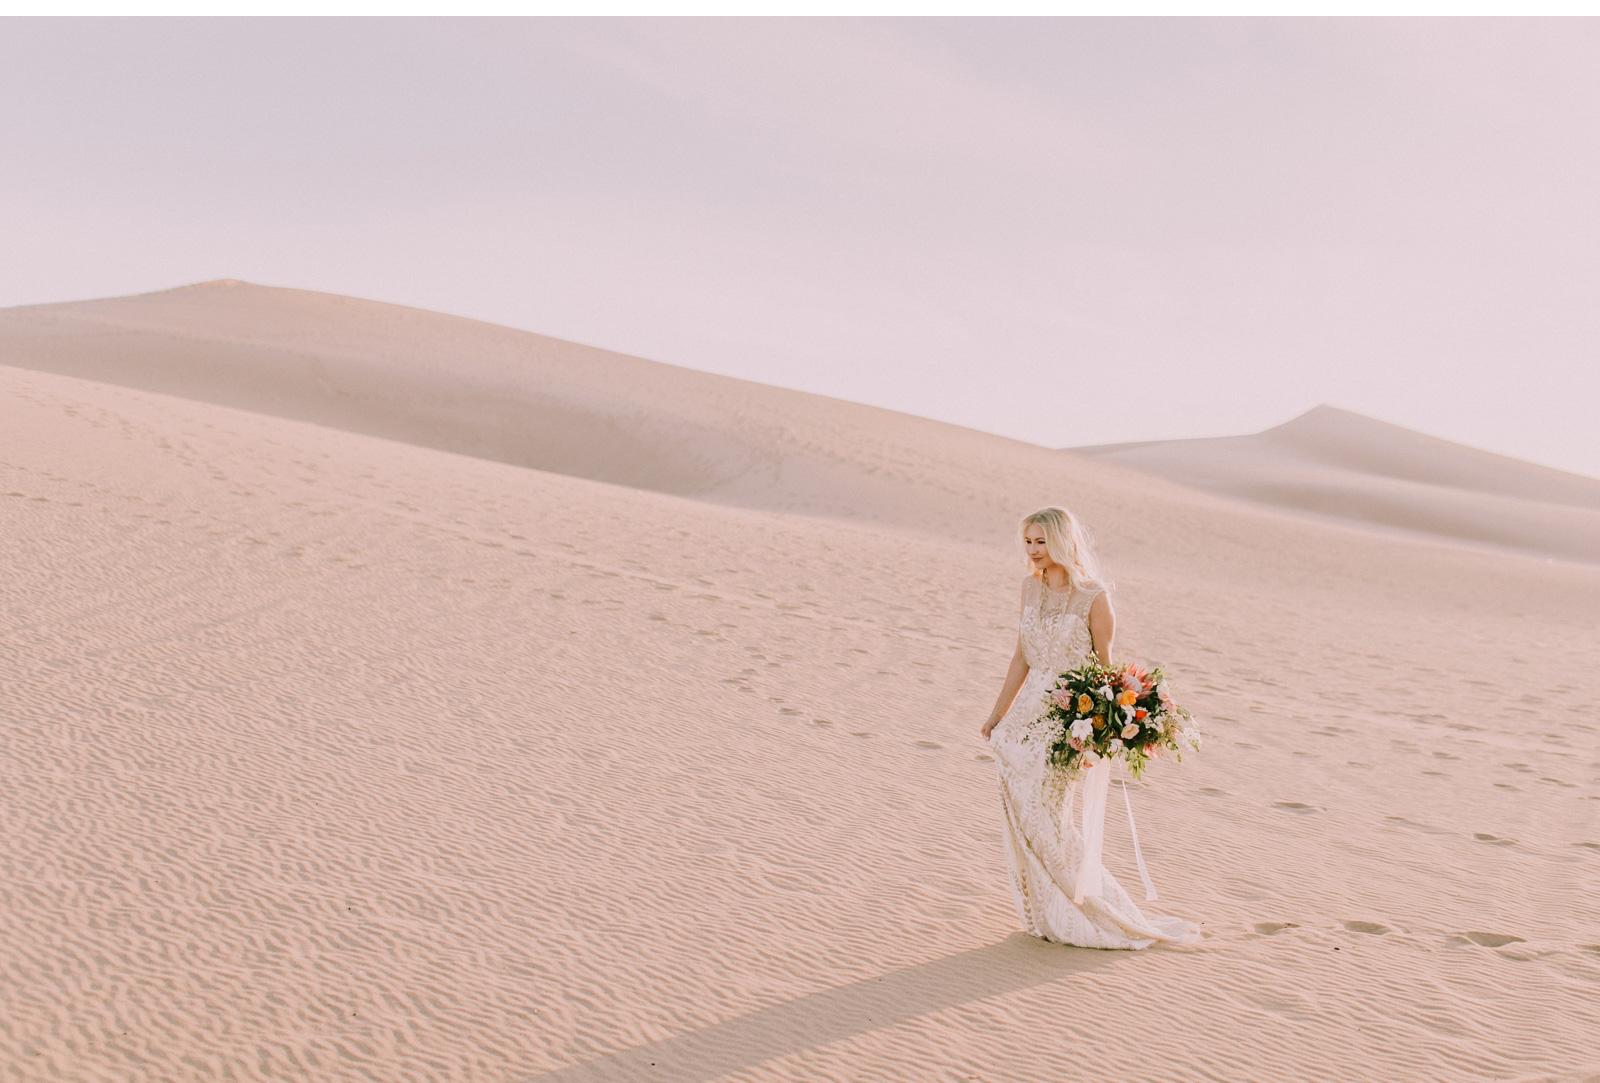 Adventure-Wedding-Green-Wedding-Shoes-Natalie-Schutt-Photography_04.jpg